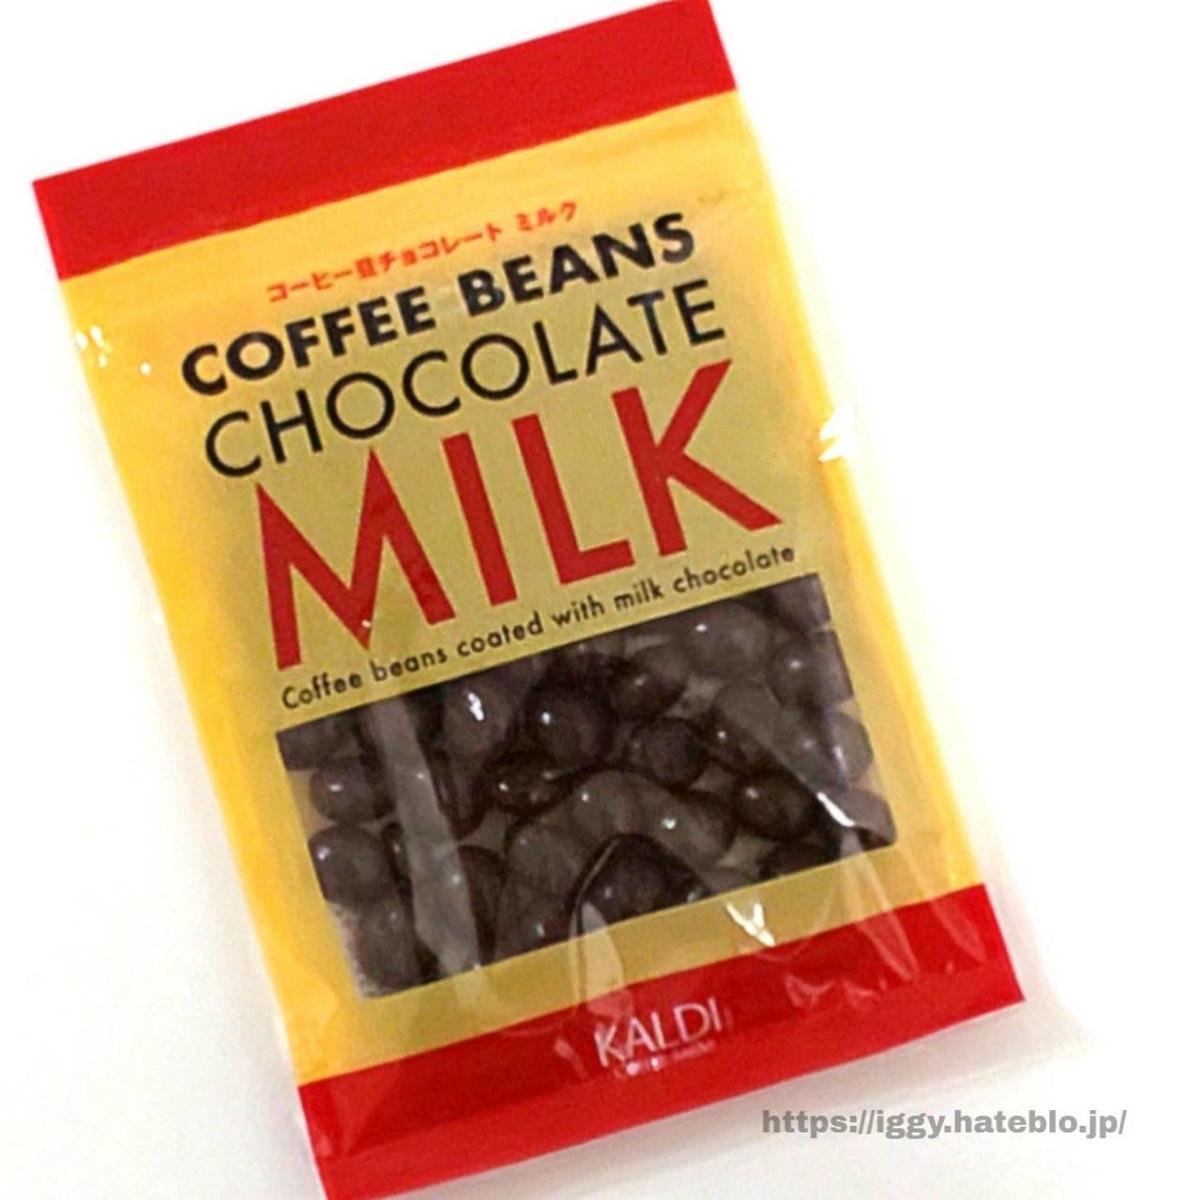 カルディ コーヒー豆チョコレート ミルク パッケージ iggy2019